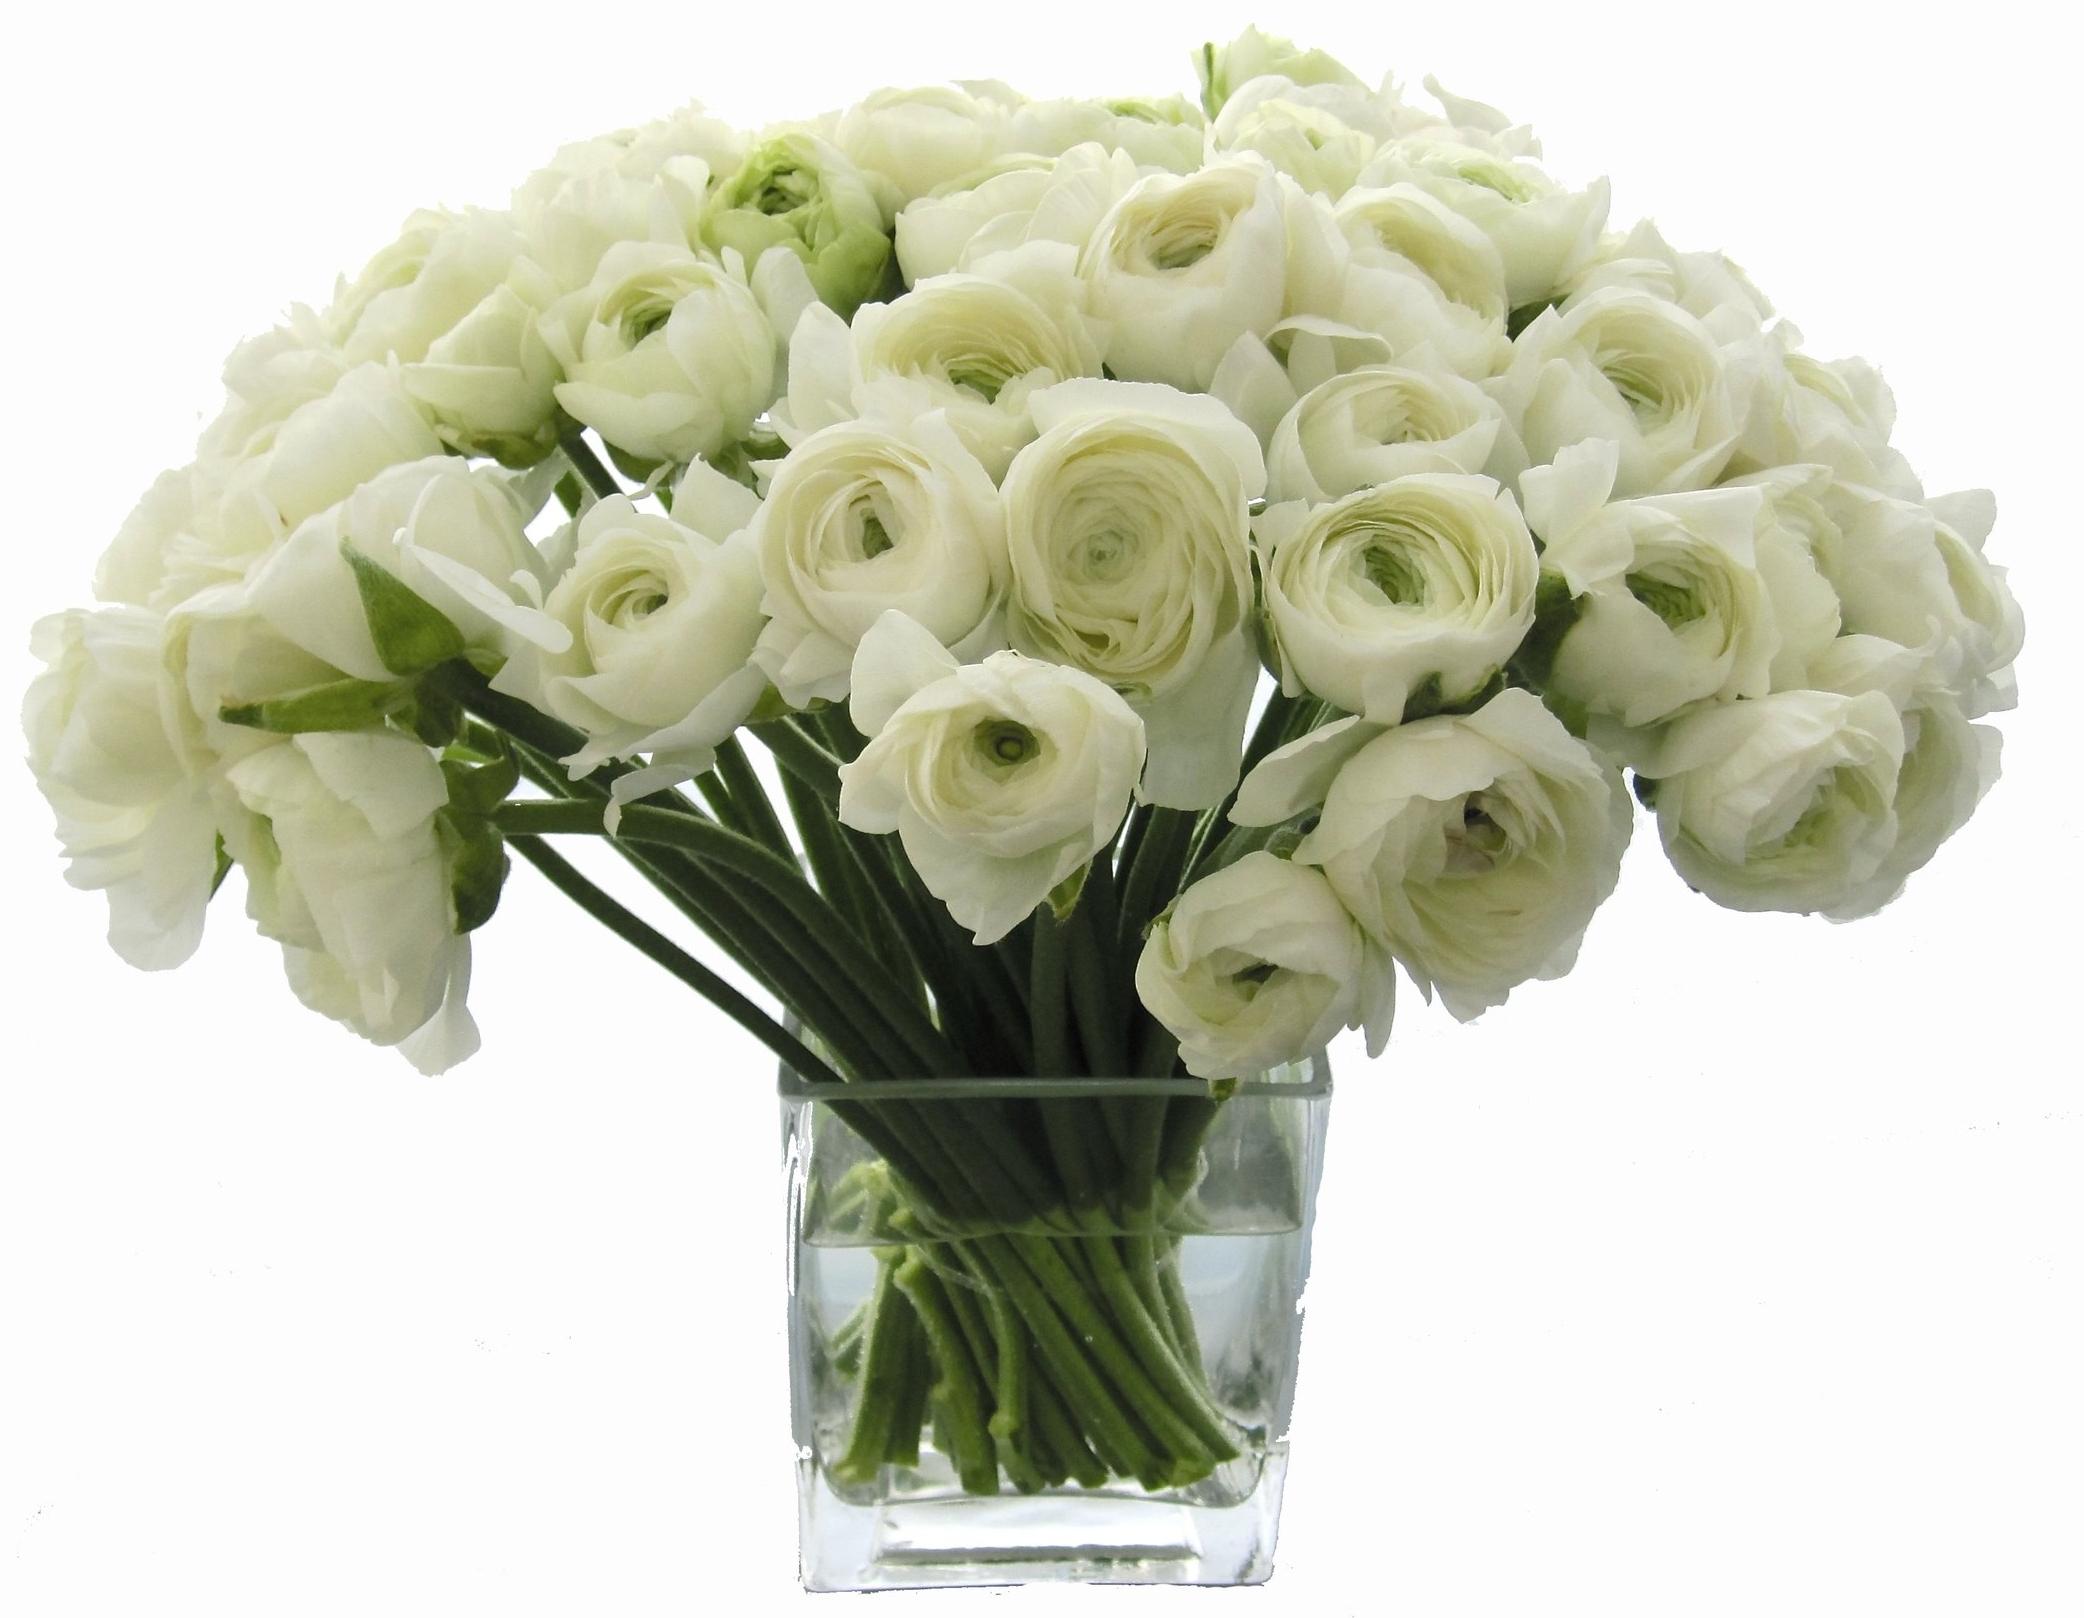 White Ranunculus starts at $250